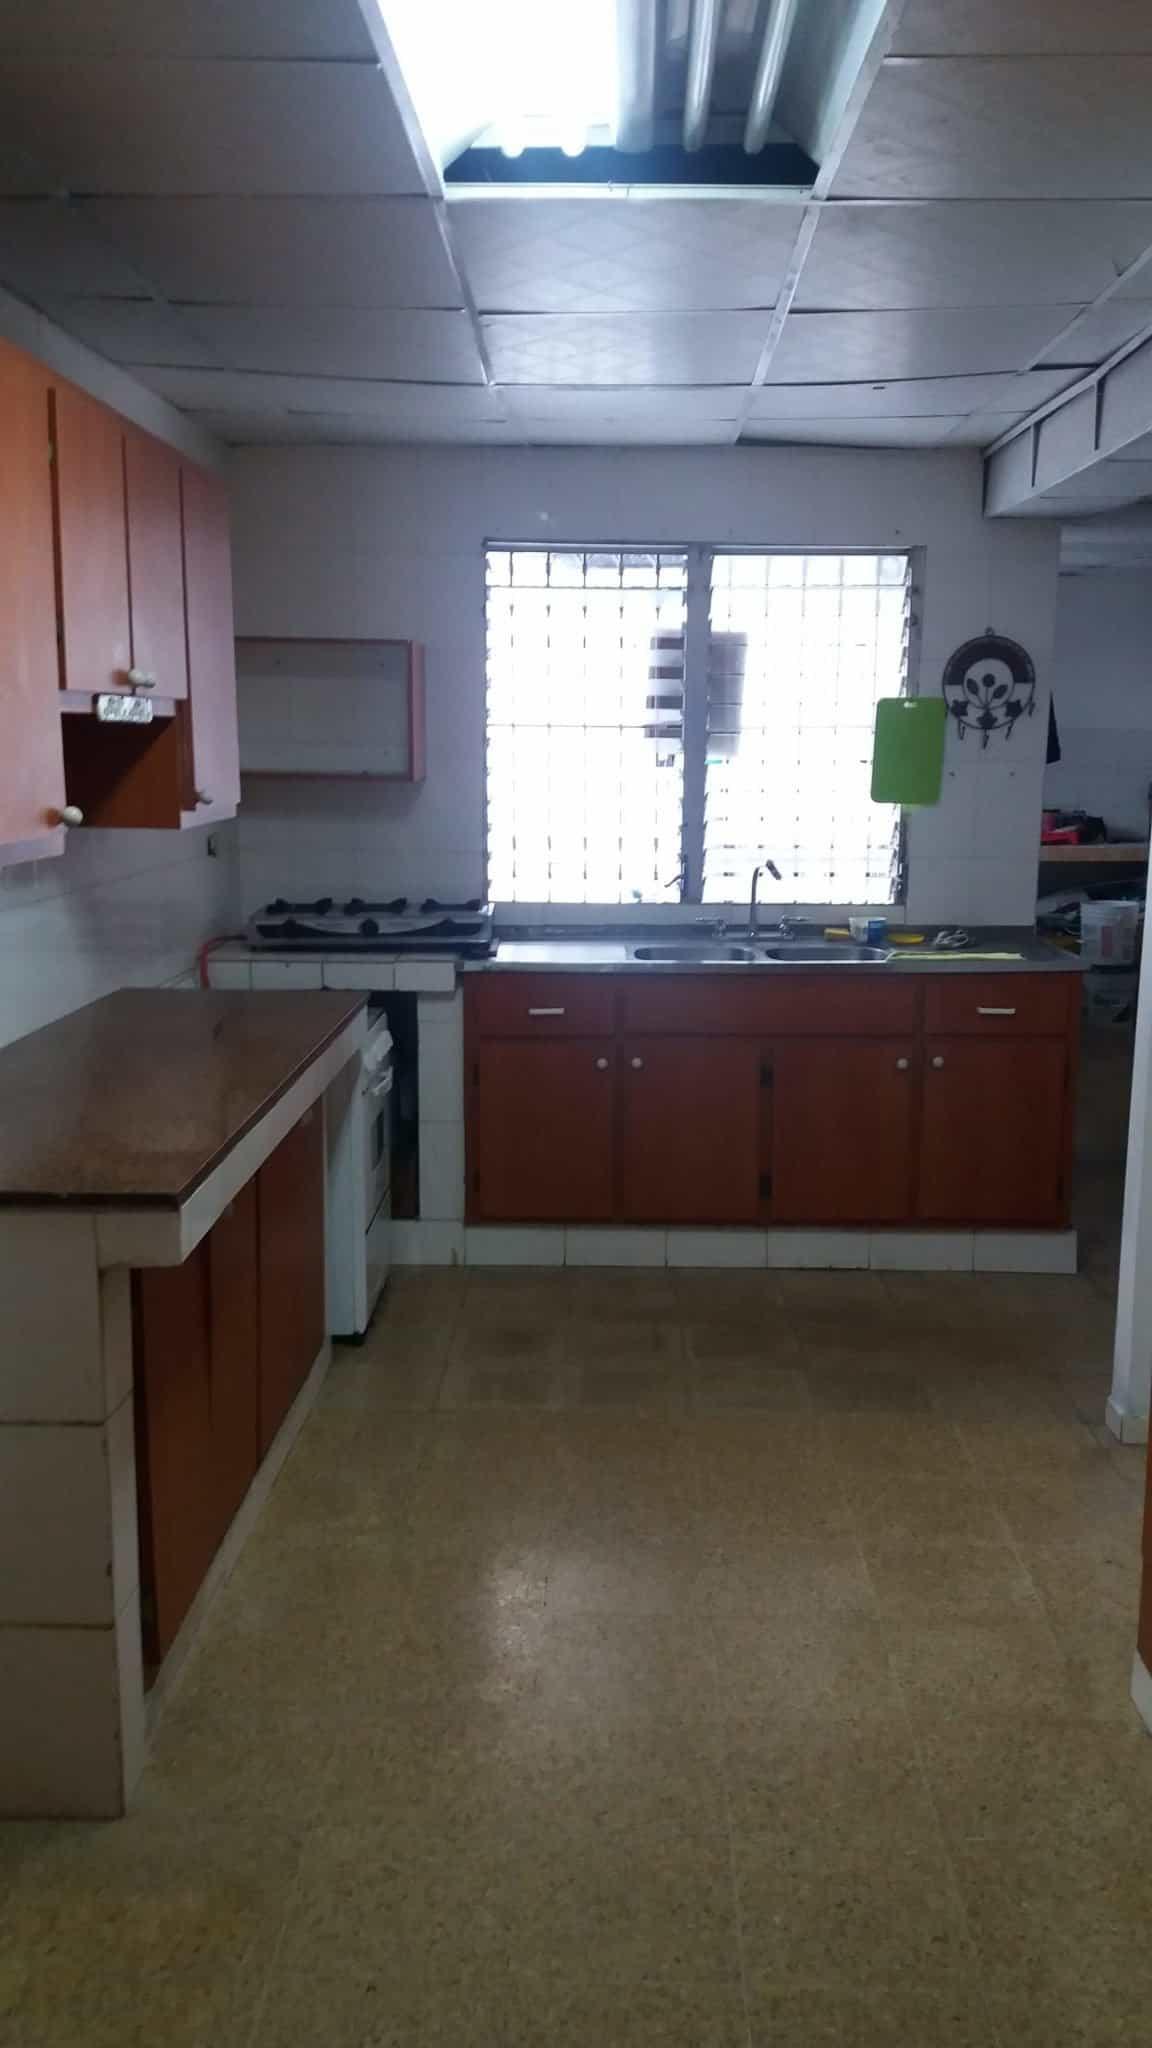 Alquiler de cuartos en panam miles de habitaciones for Alquiler de cuartos o minidepartamentos